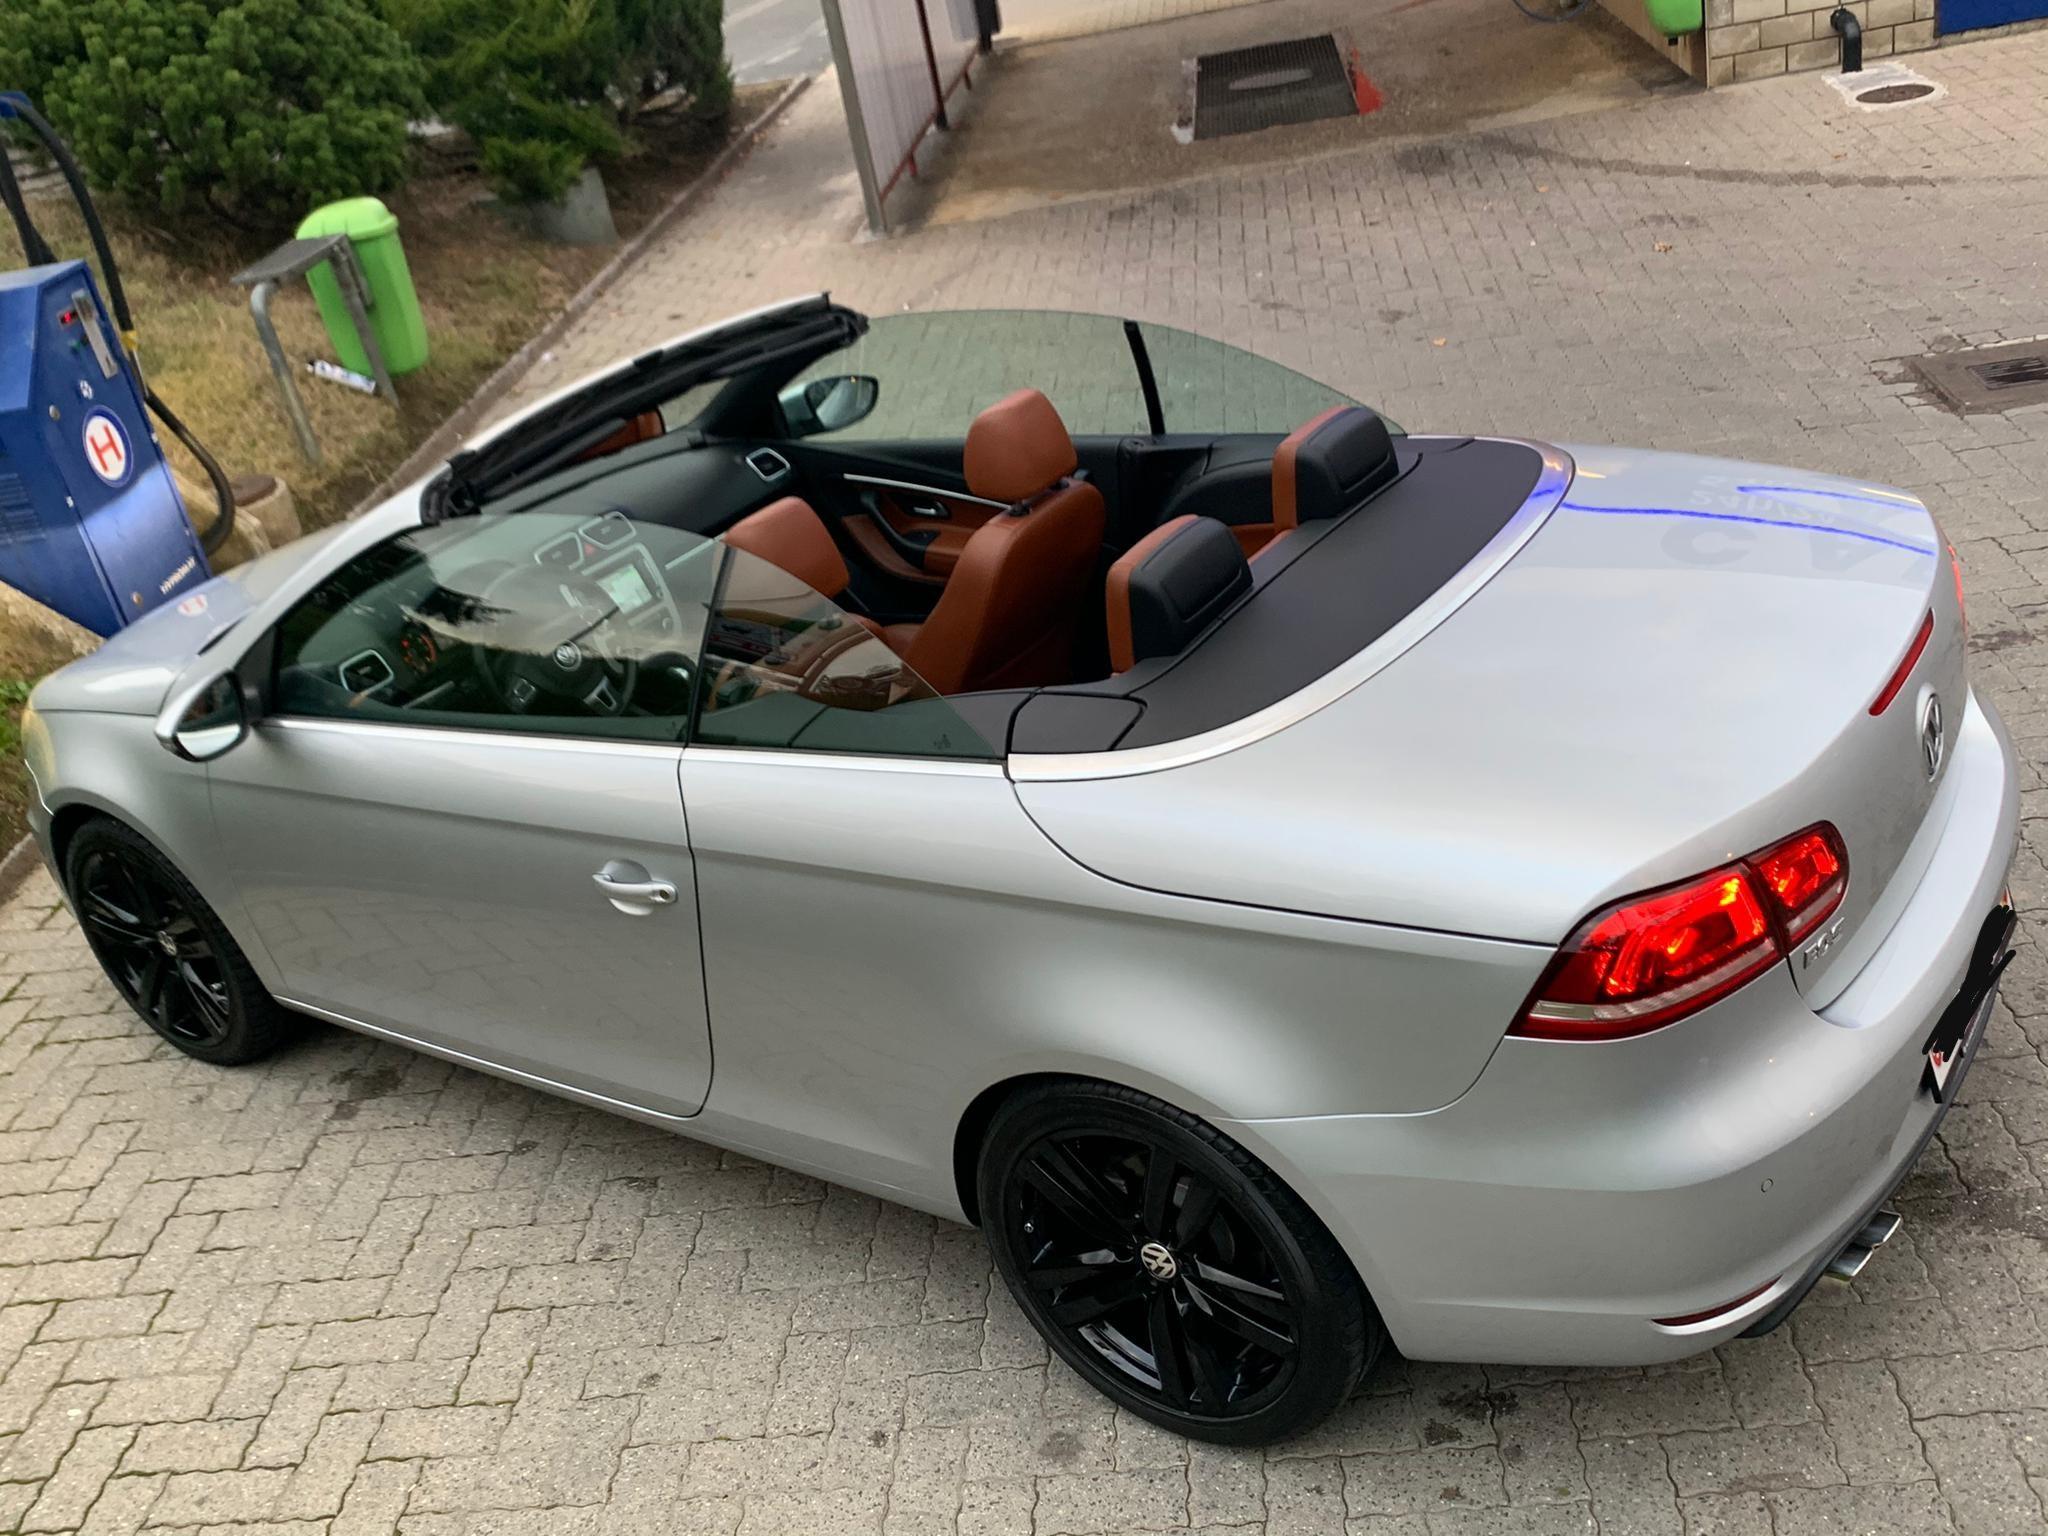 VW Eos 2.0 210 TSI DSG